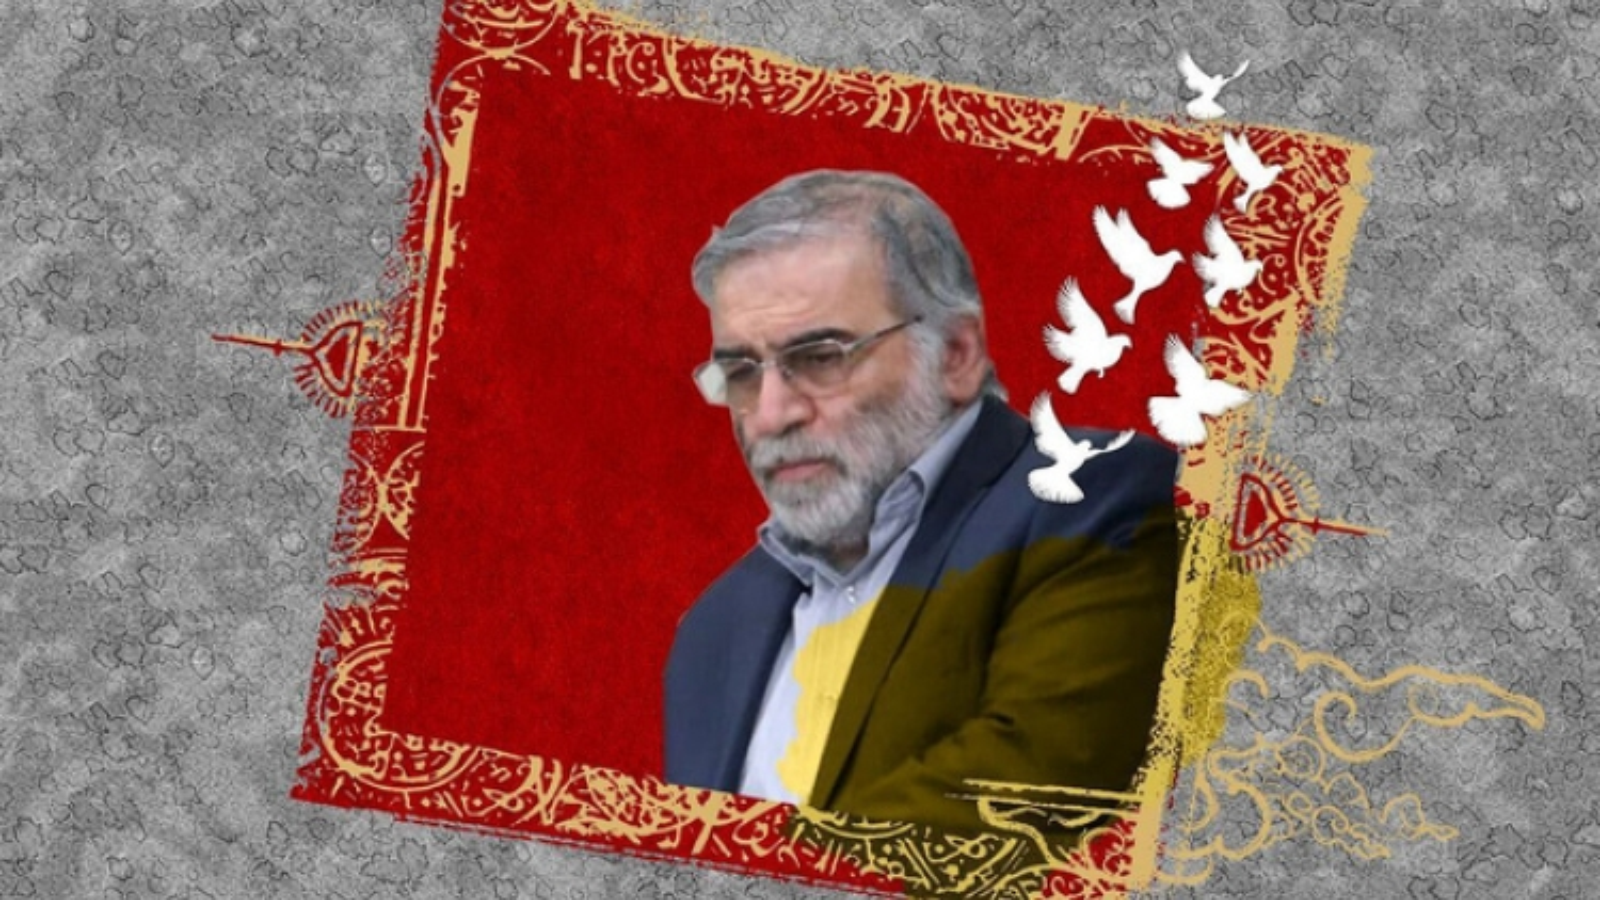 Vụ sát hại nhà khoa học hạt nhân Iran: Tehran bùng lửa giận, ông Biden rơi vào thế khó